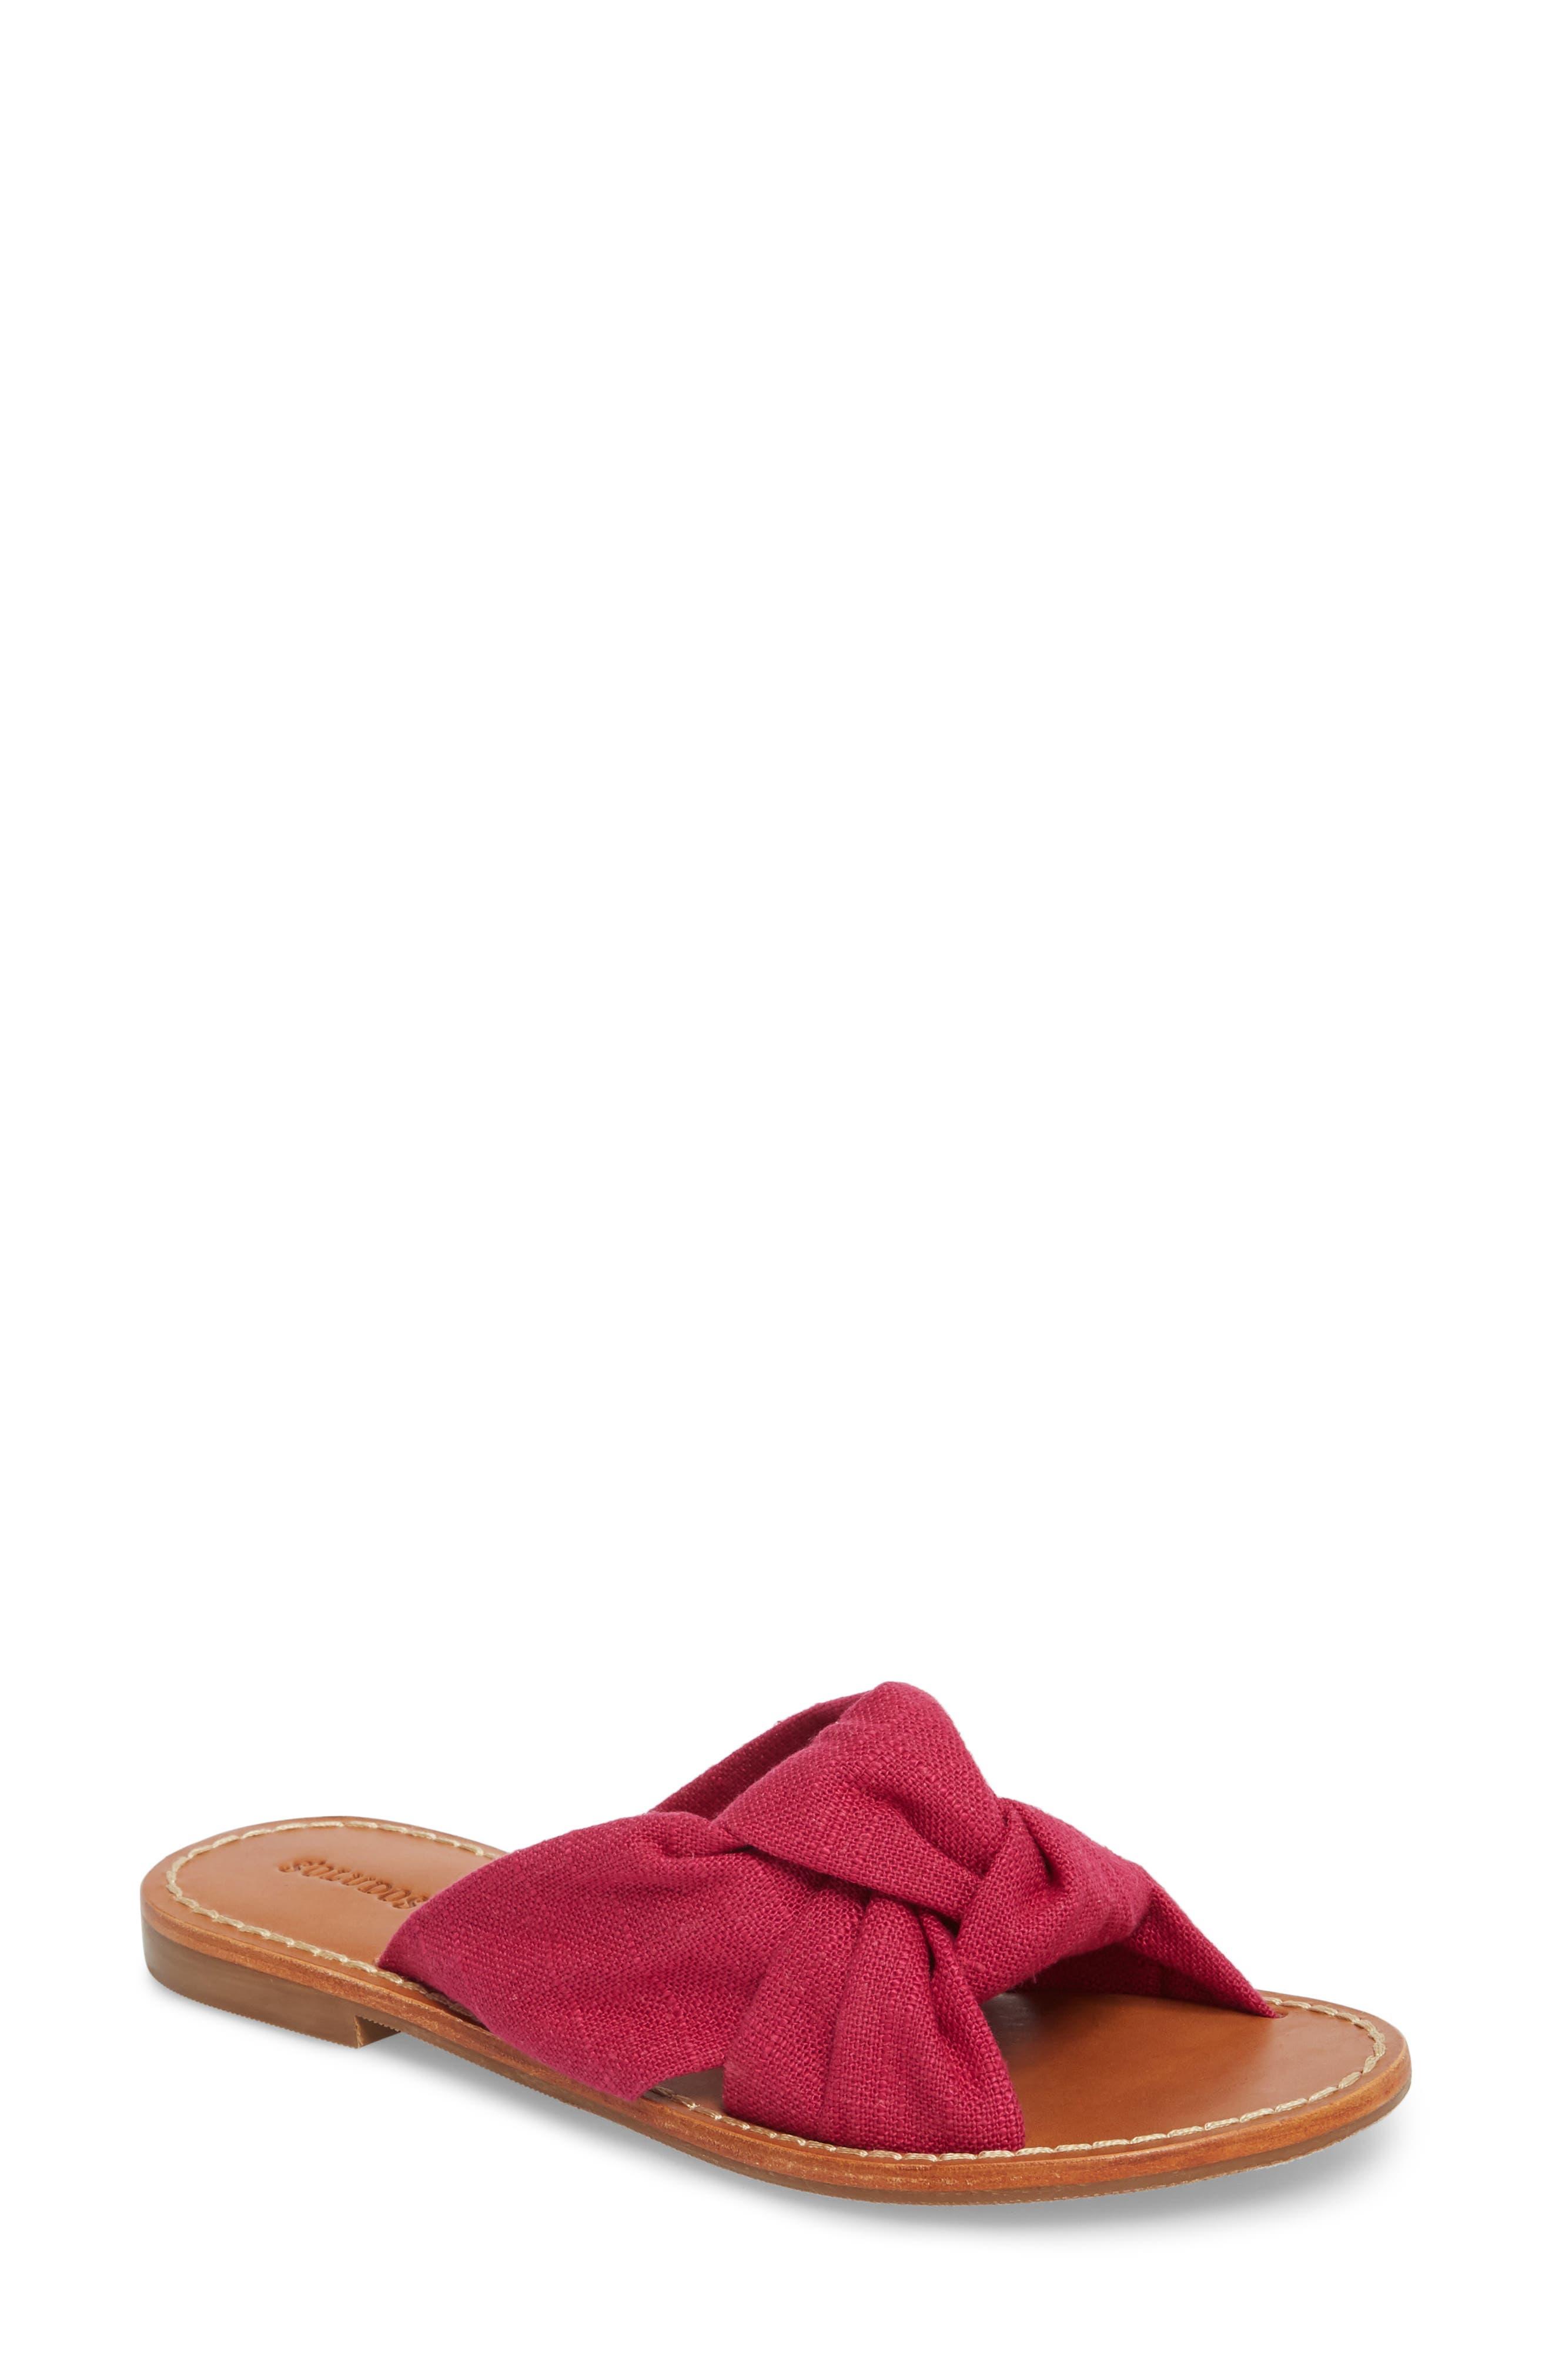 Knotted Slide Sandal,                         Main,                         color, 652